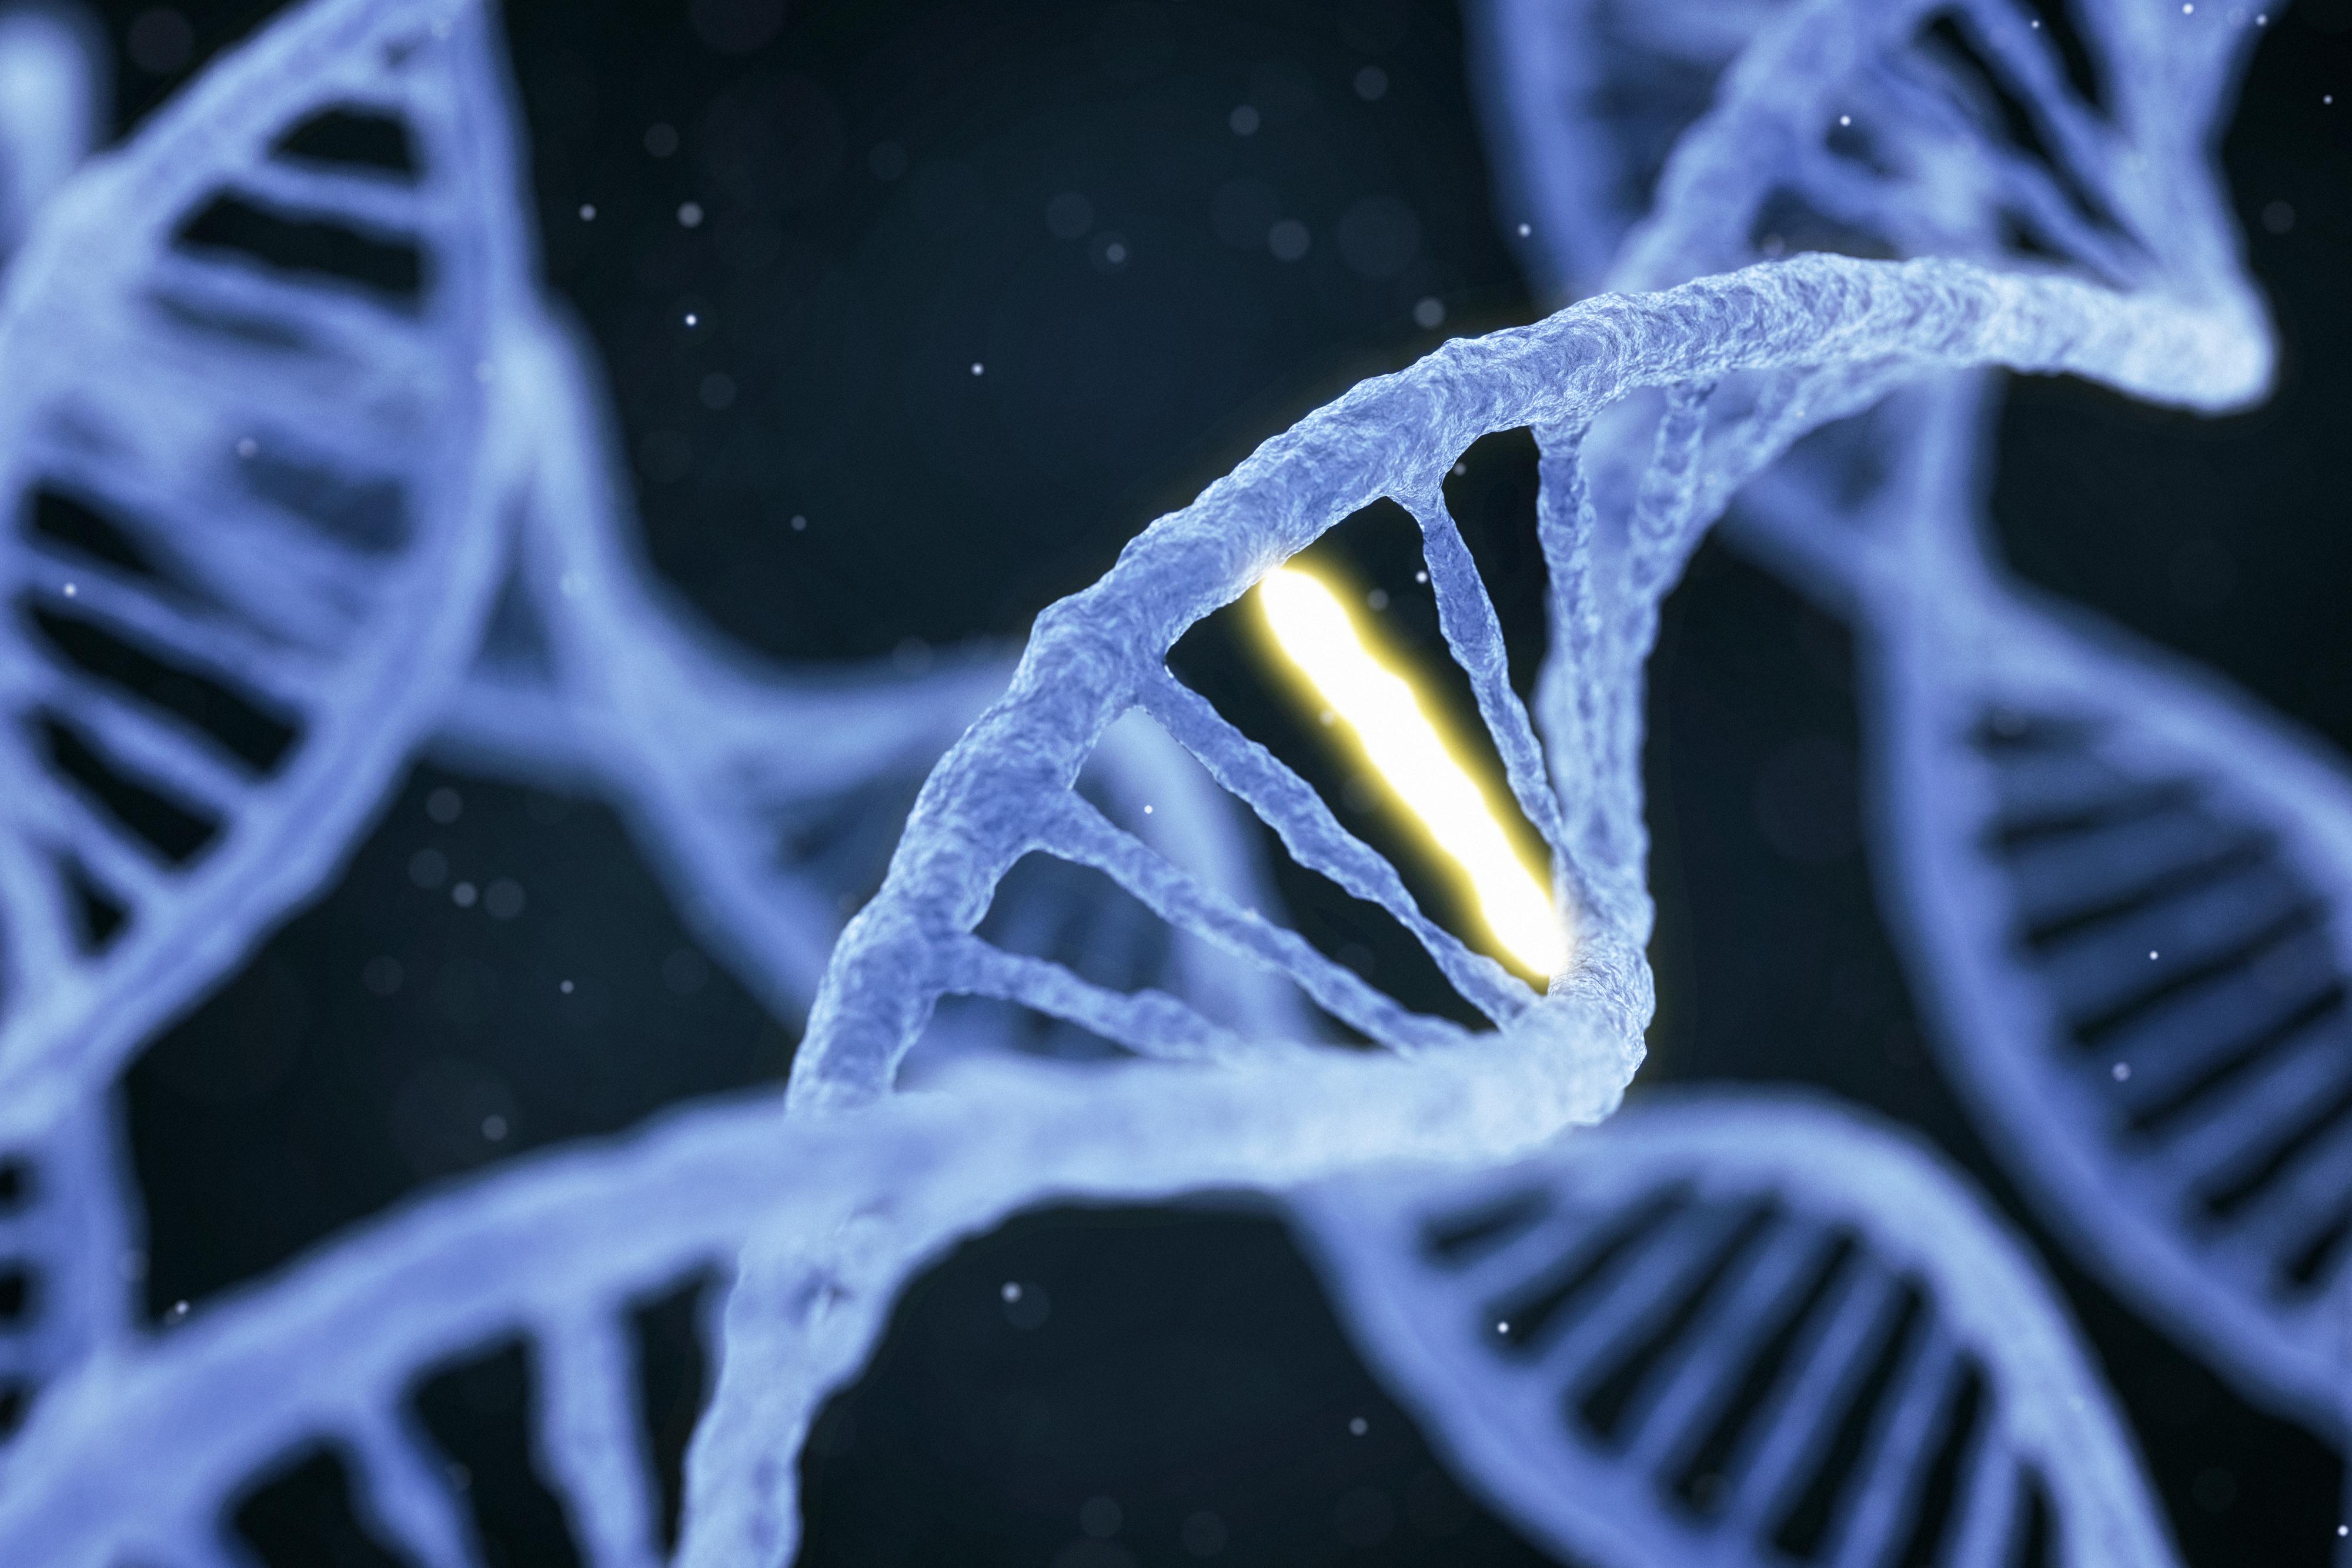 Nočné bdenie dokázateľne poškodzuje naše DNA. (Reprodukcia: archív)